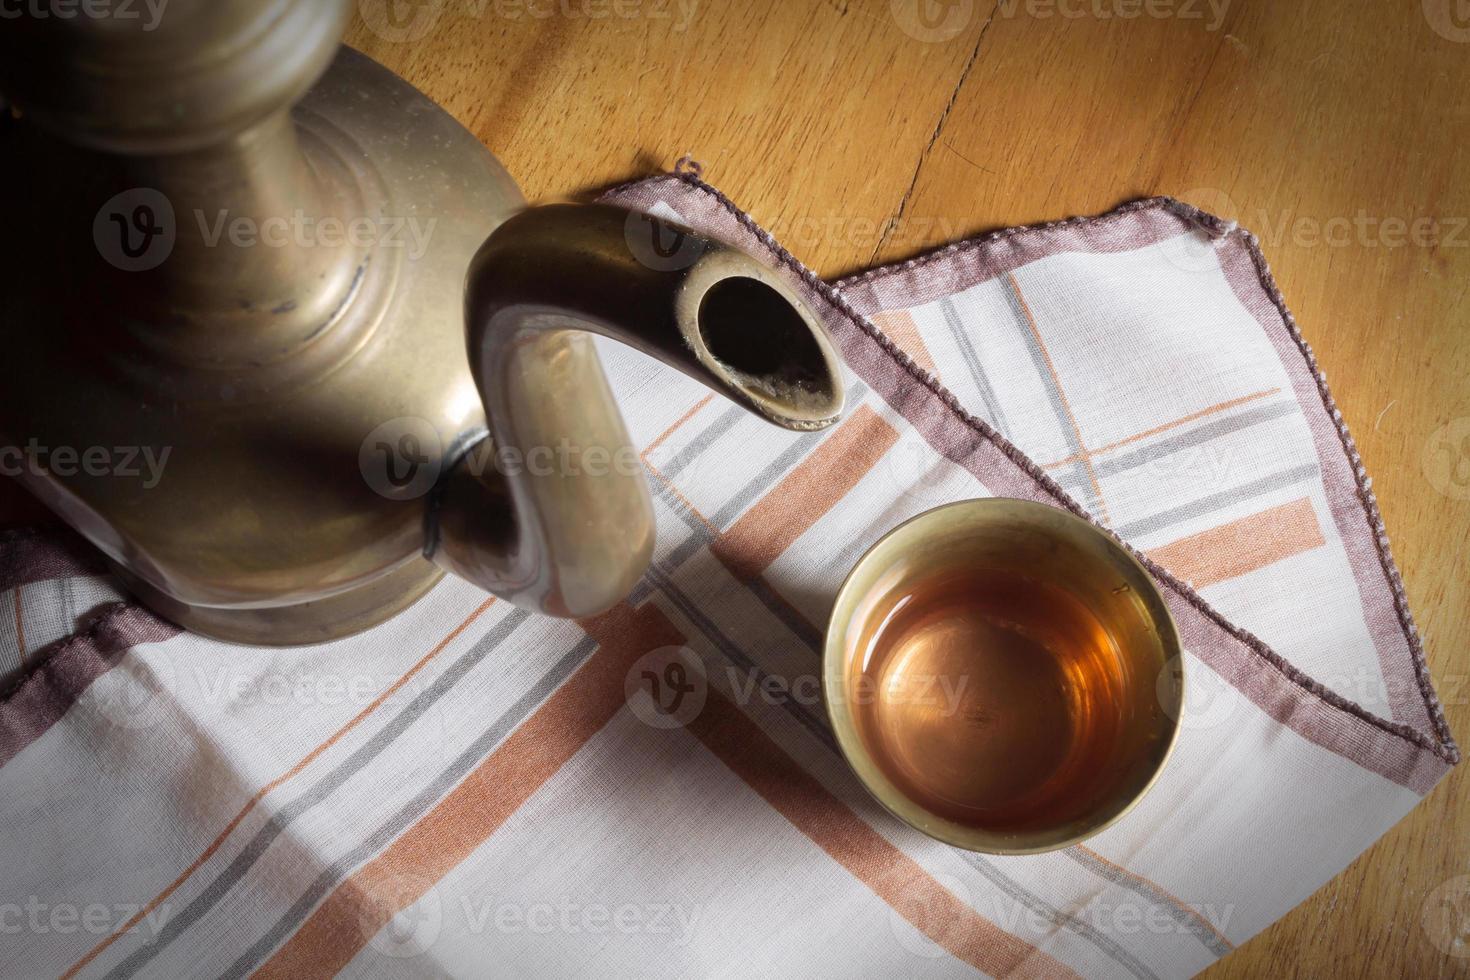 boire du thé dans une cruche. photo